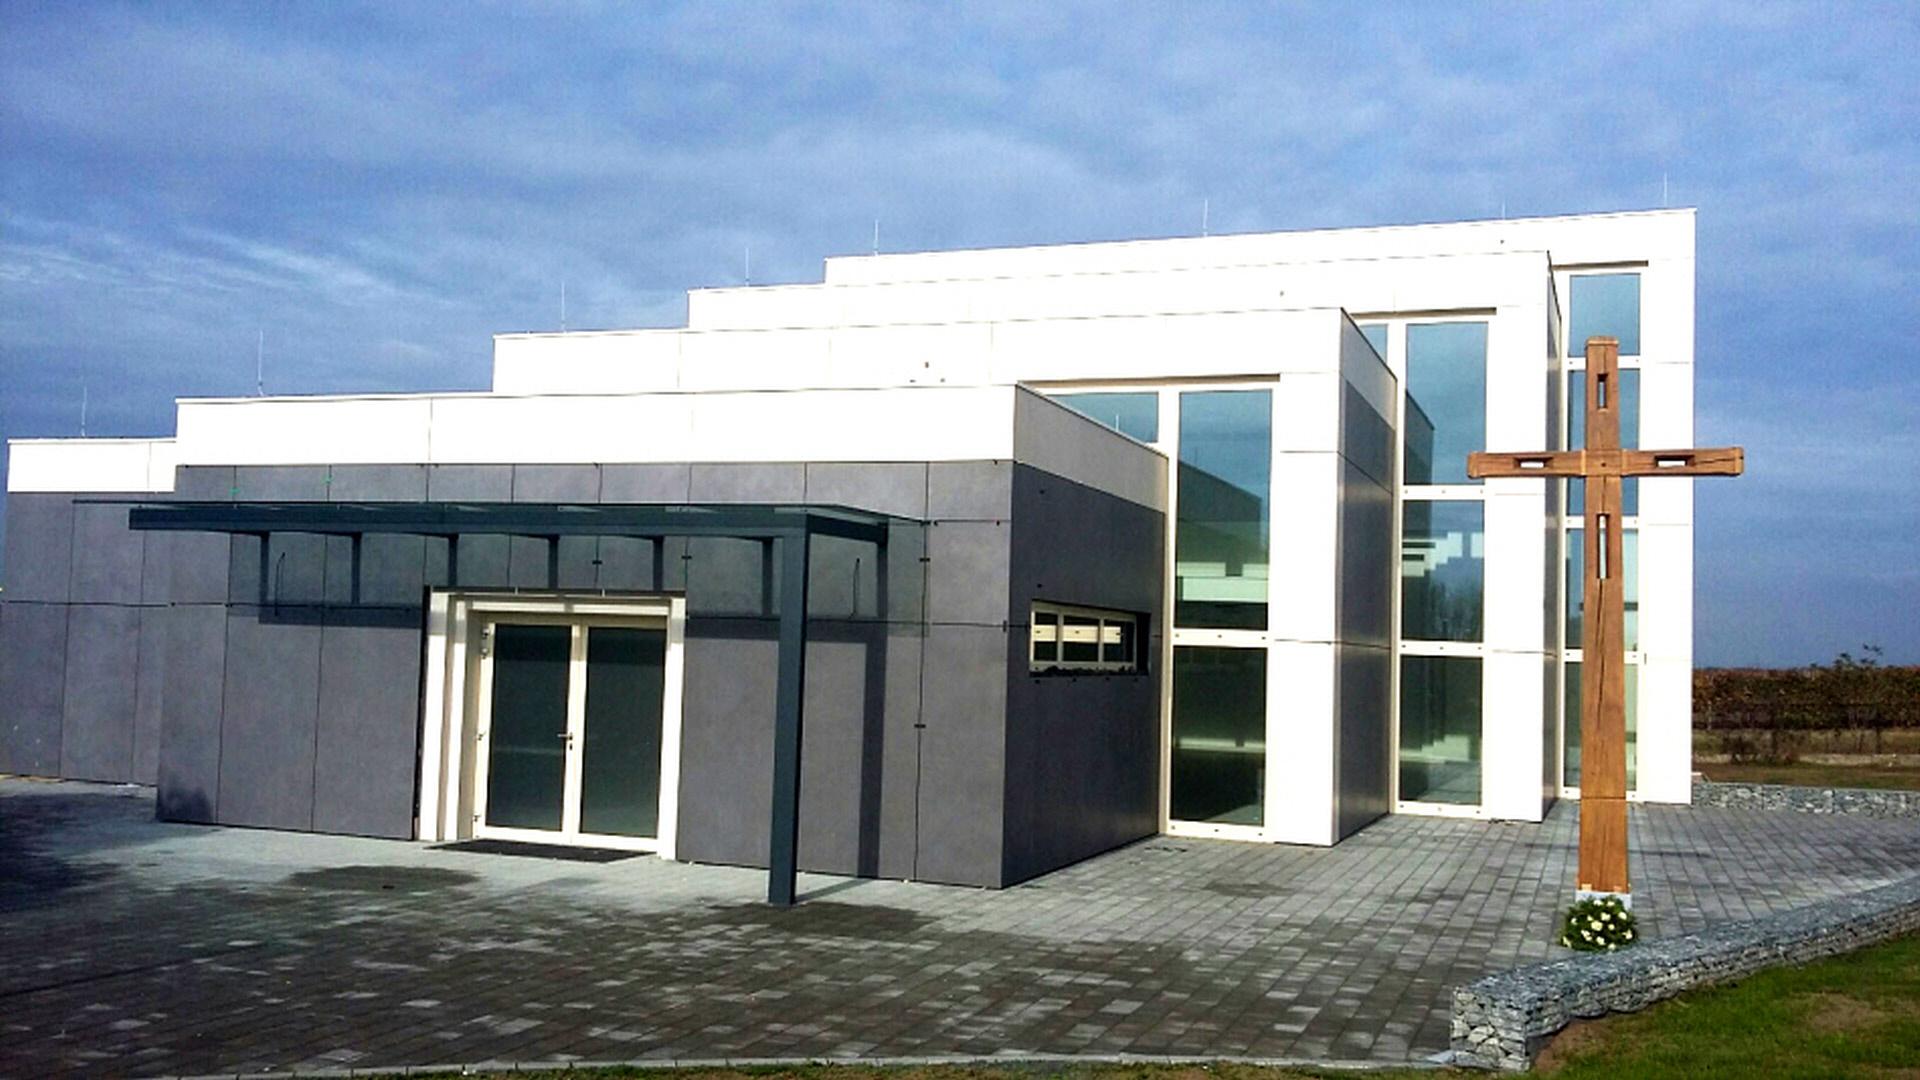 Provětrávané fasády   Speciální výroba   Koupelny ČERO